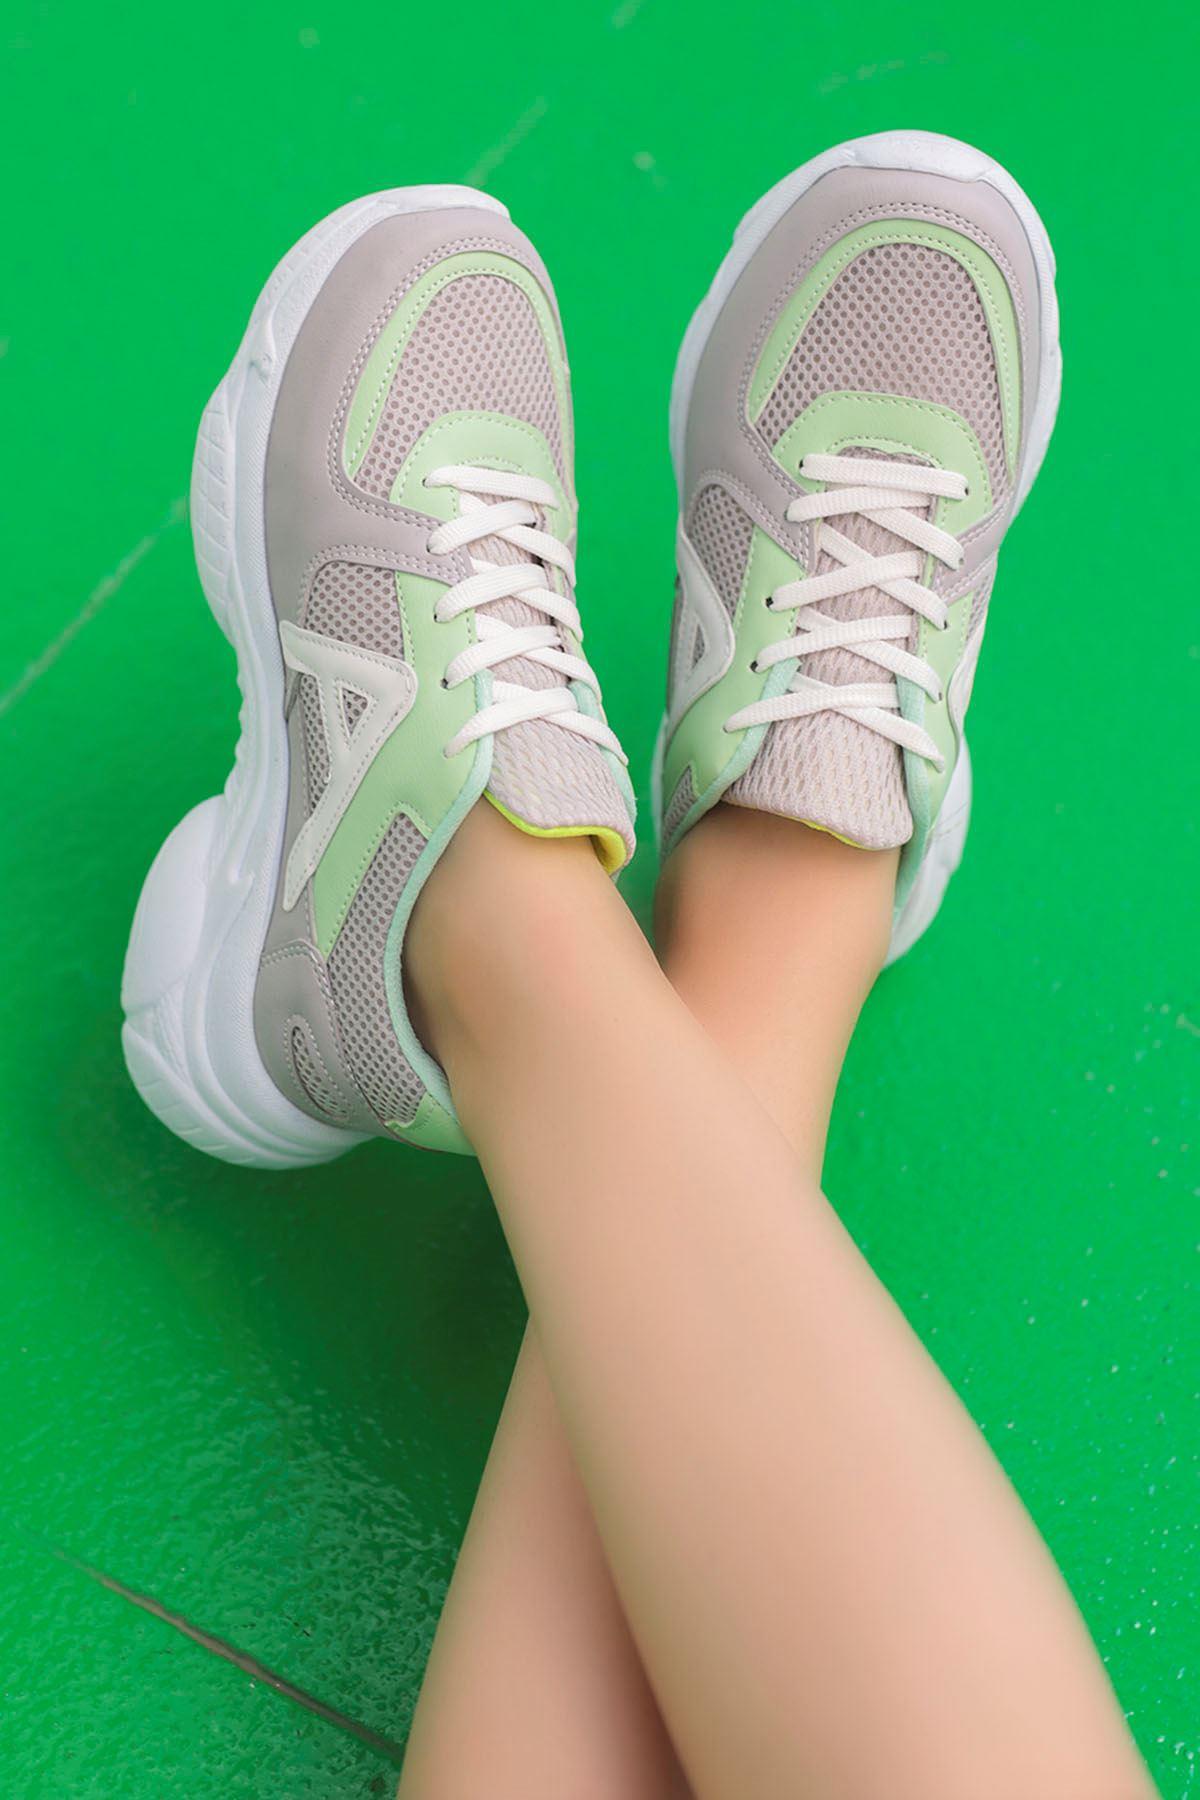 Afra A Detay Spor Ayakkabı Gri Yeşil Detay